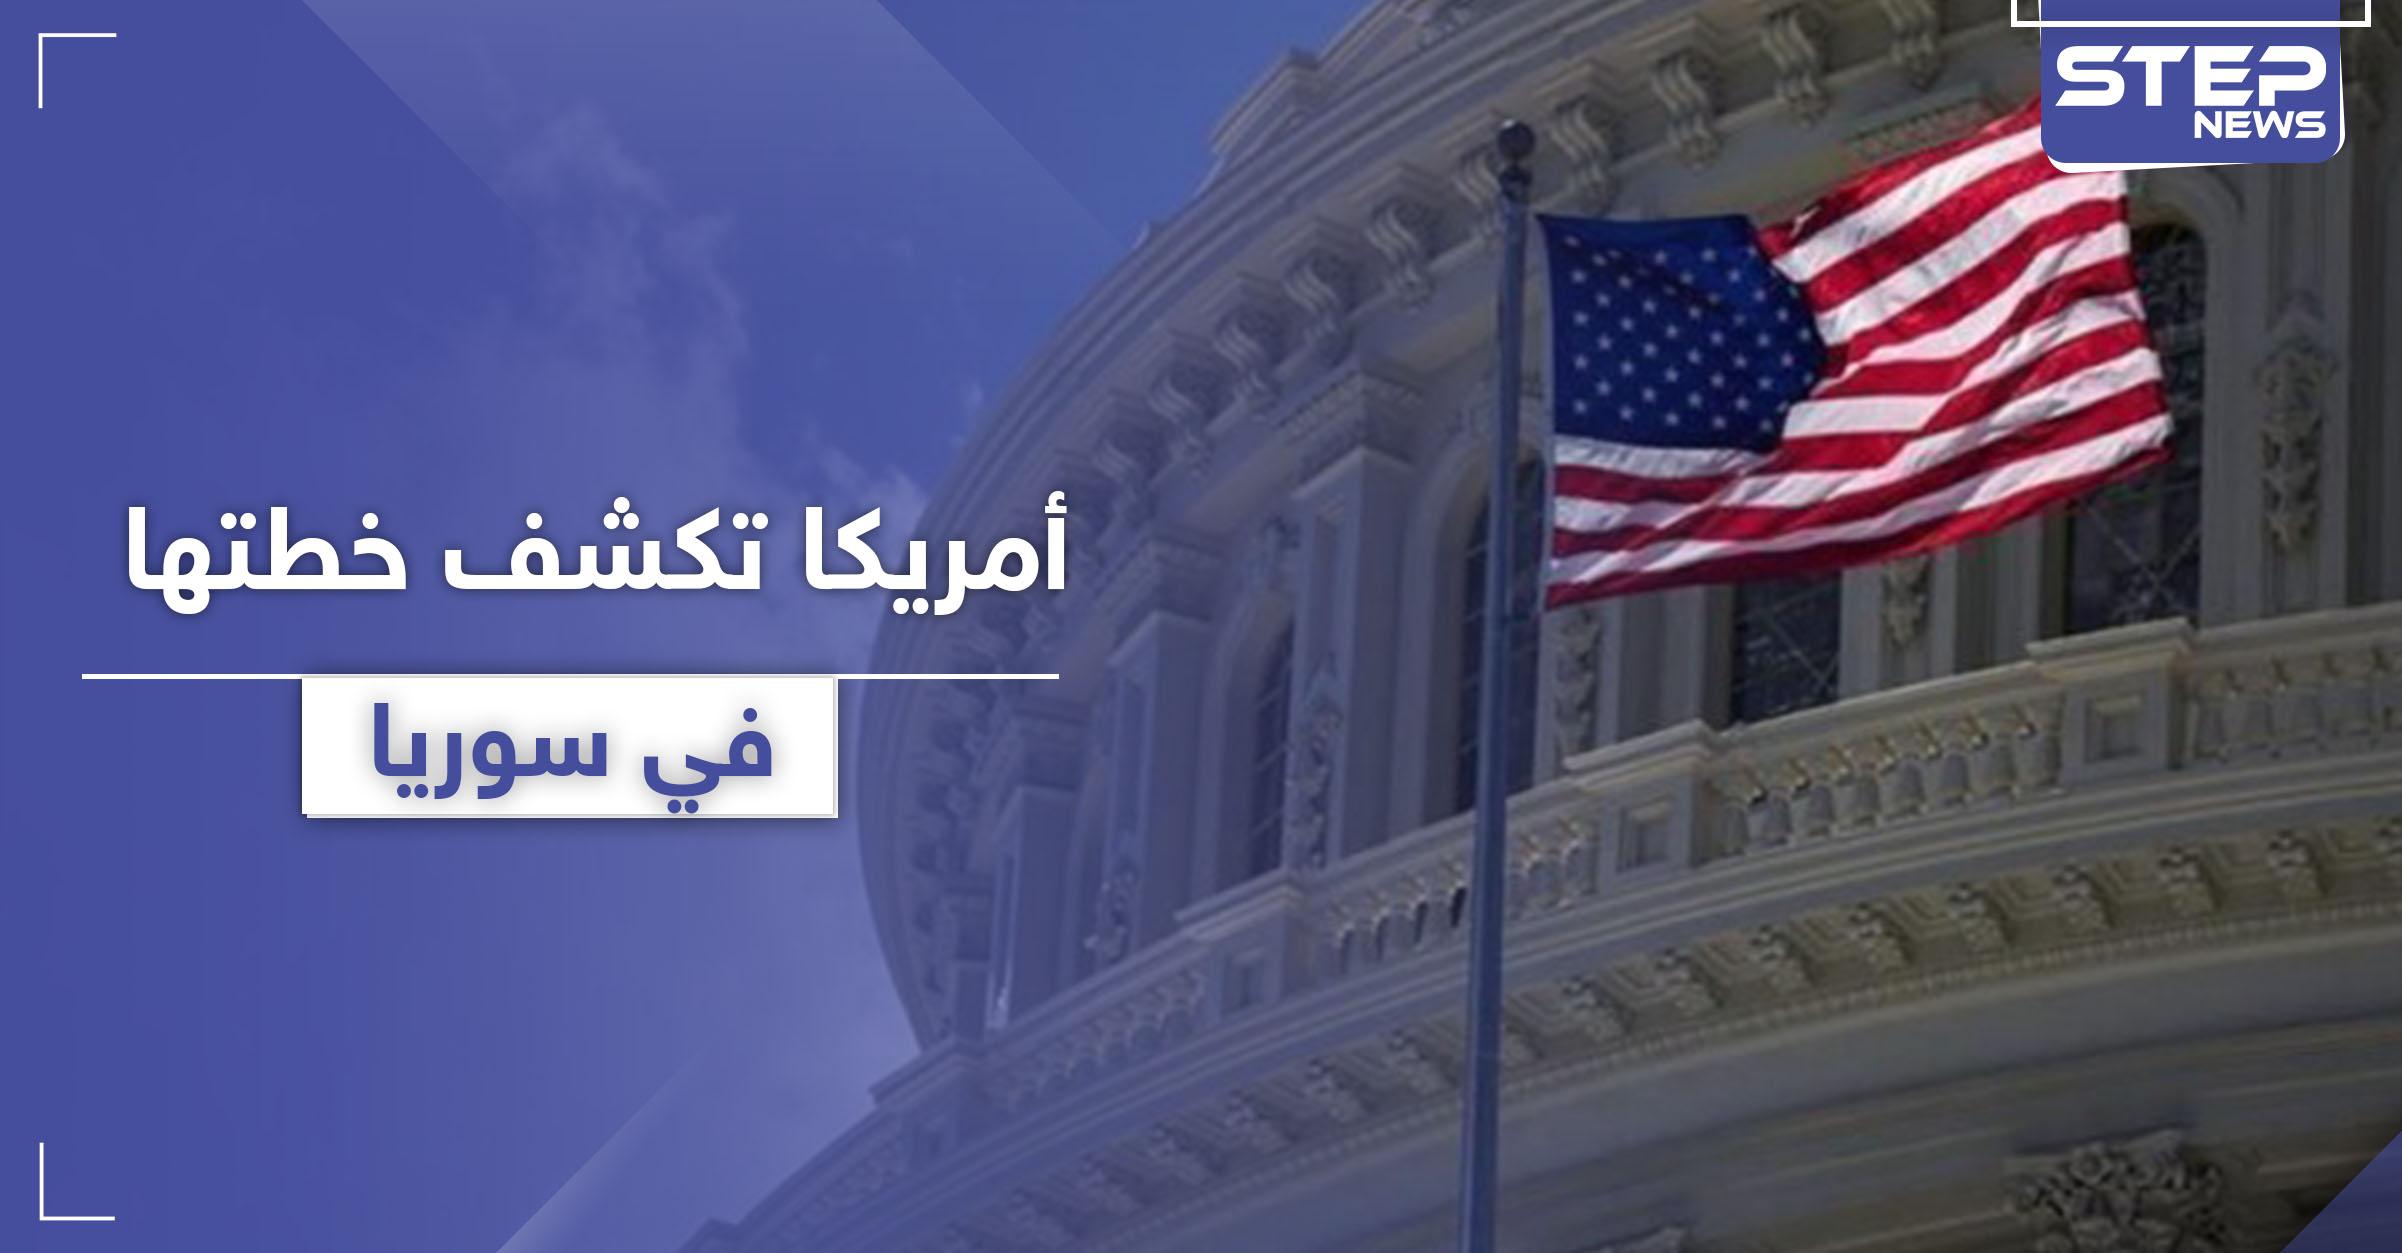 أمريكا تكشف عن خطتها في سوريا